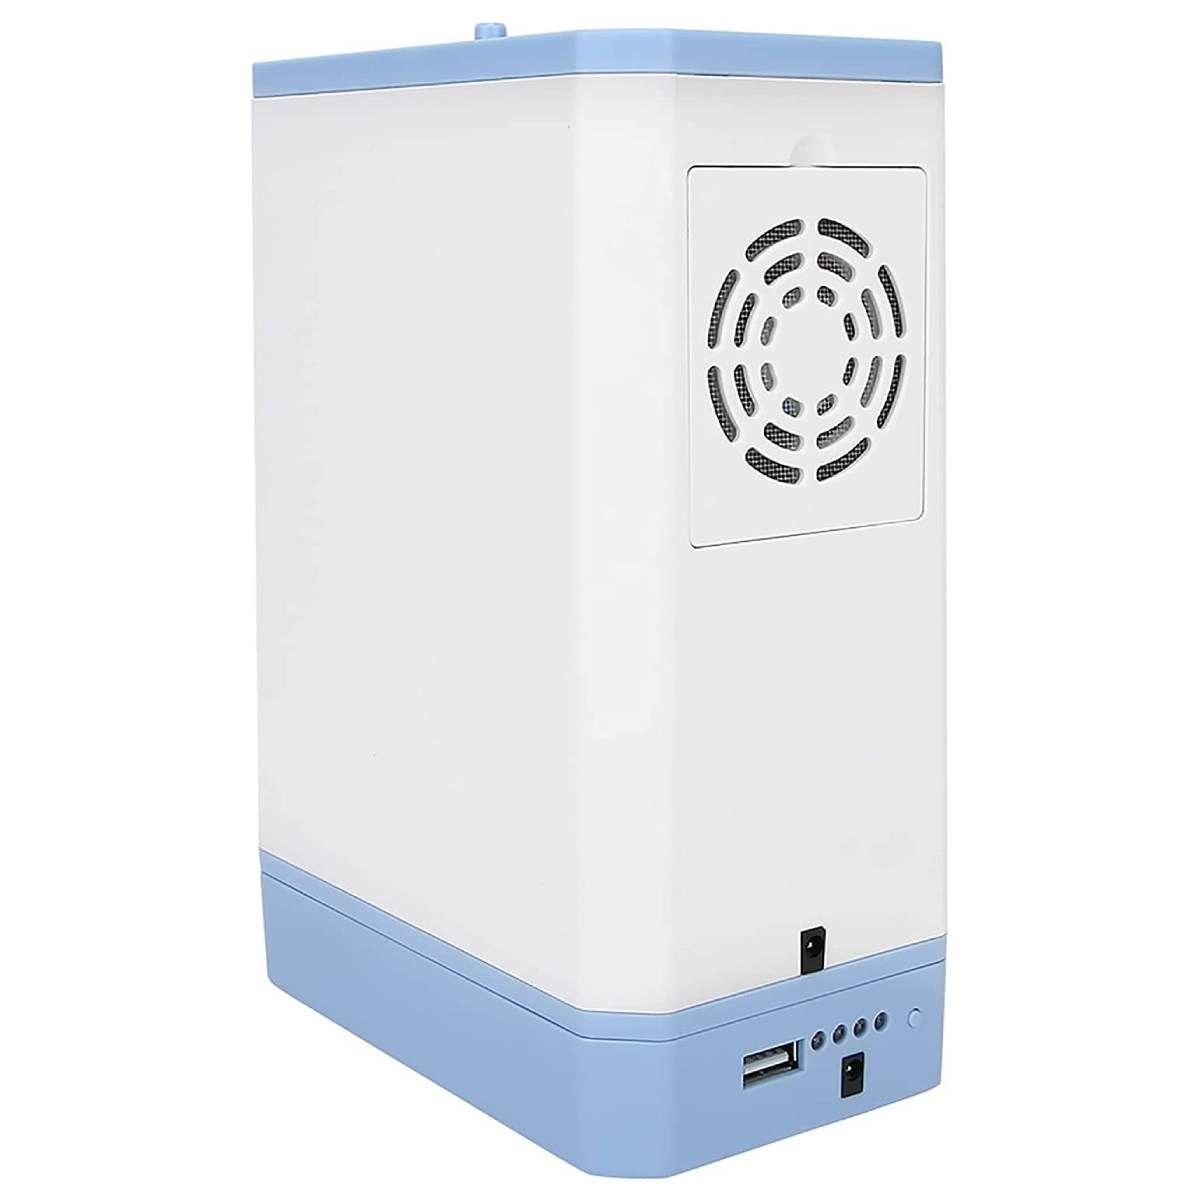 Sren Oxygen Concentrator